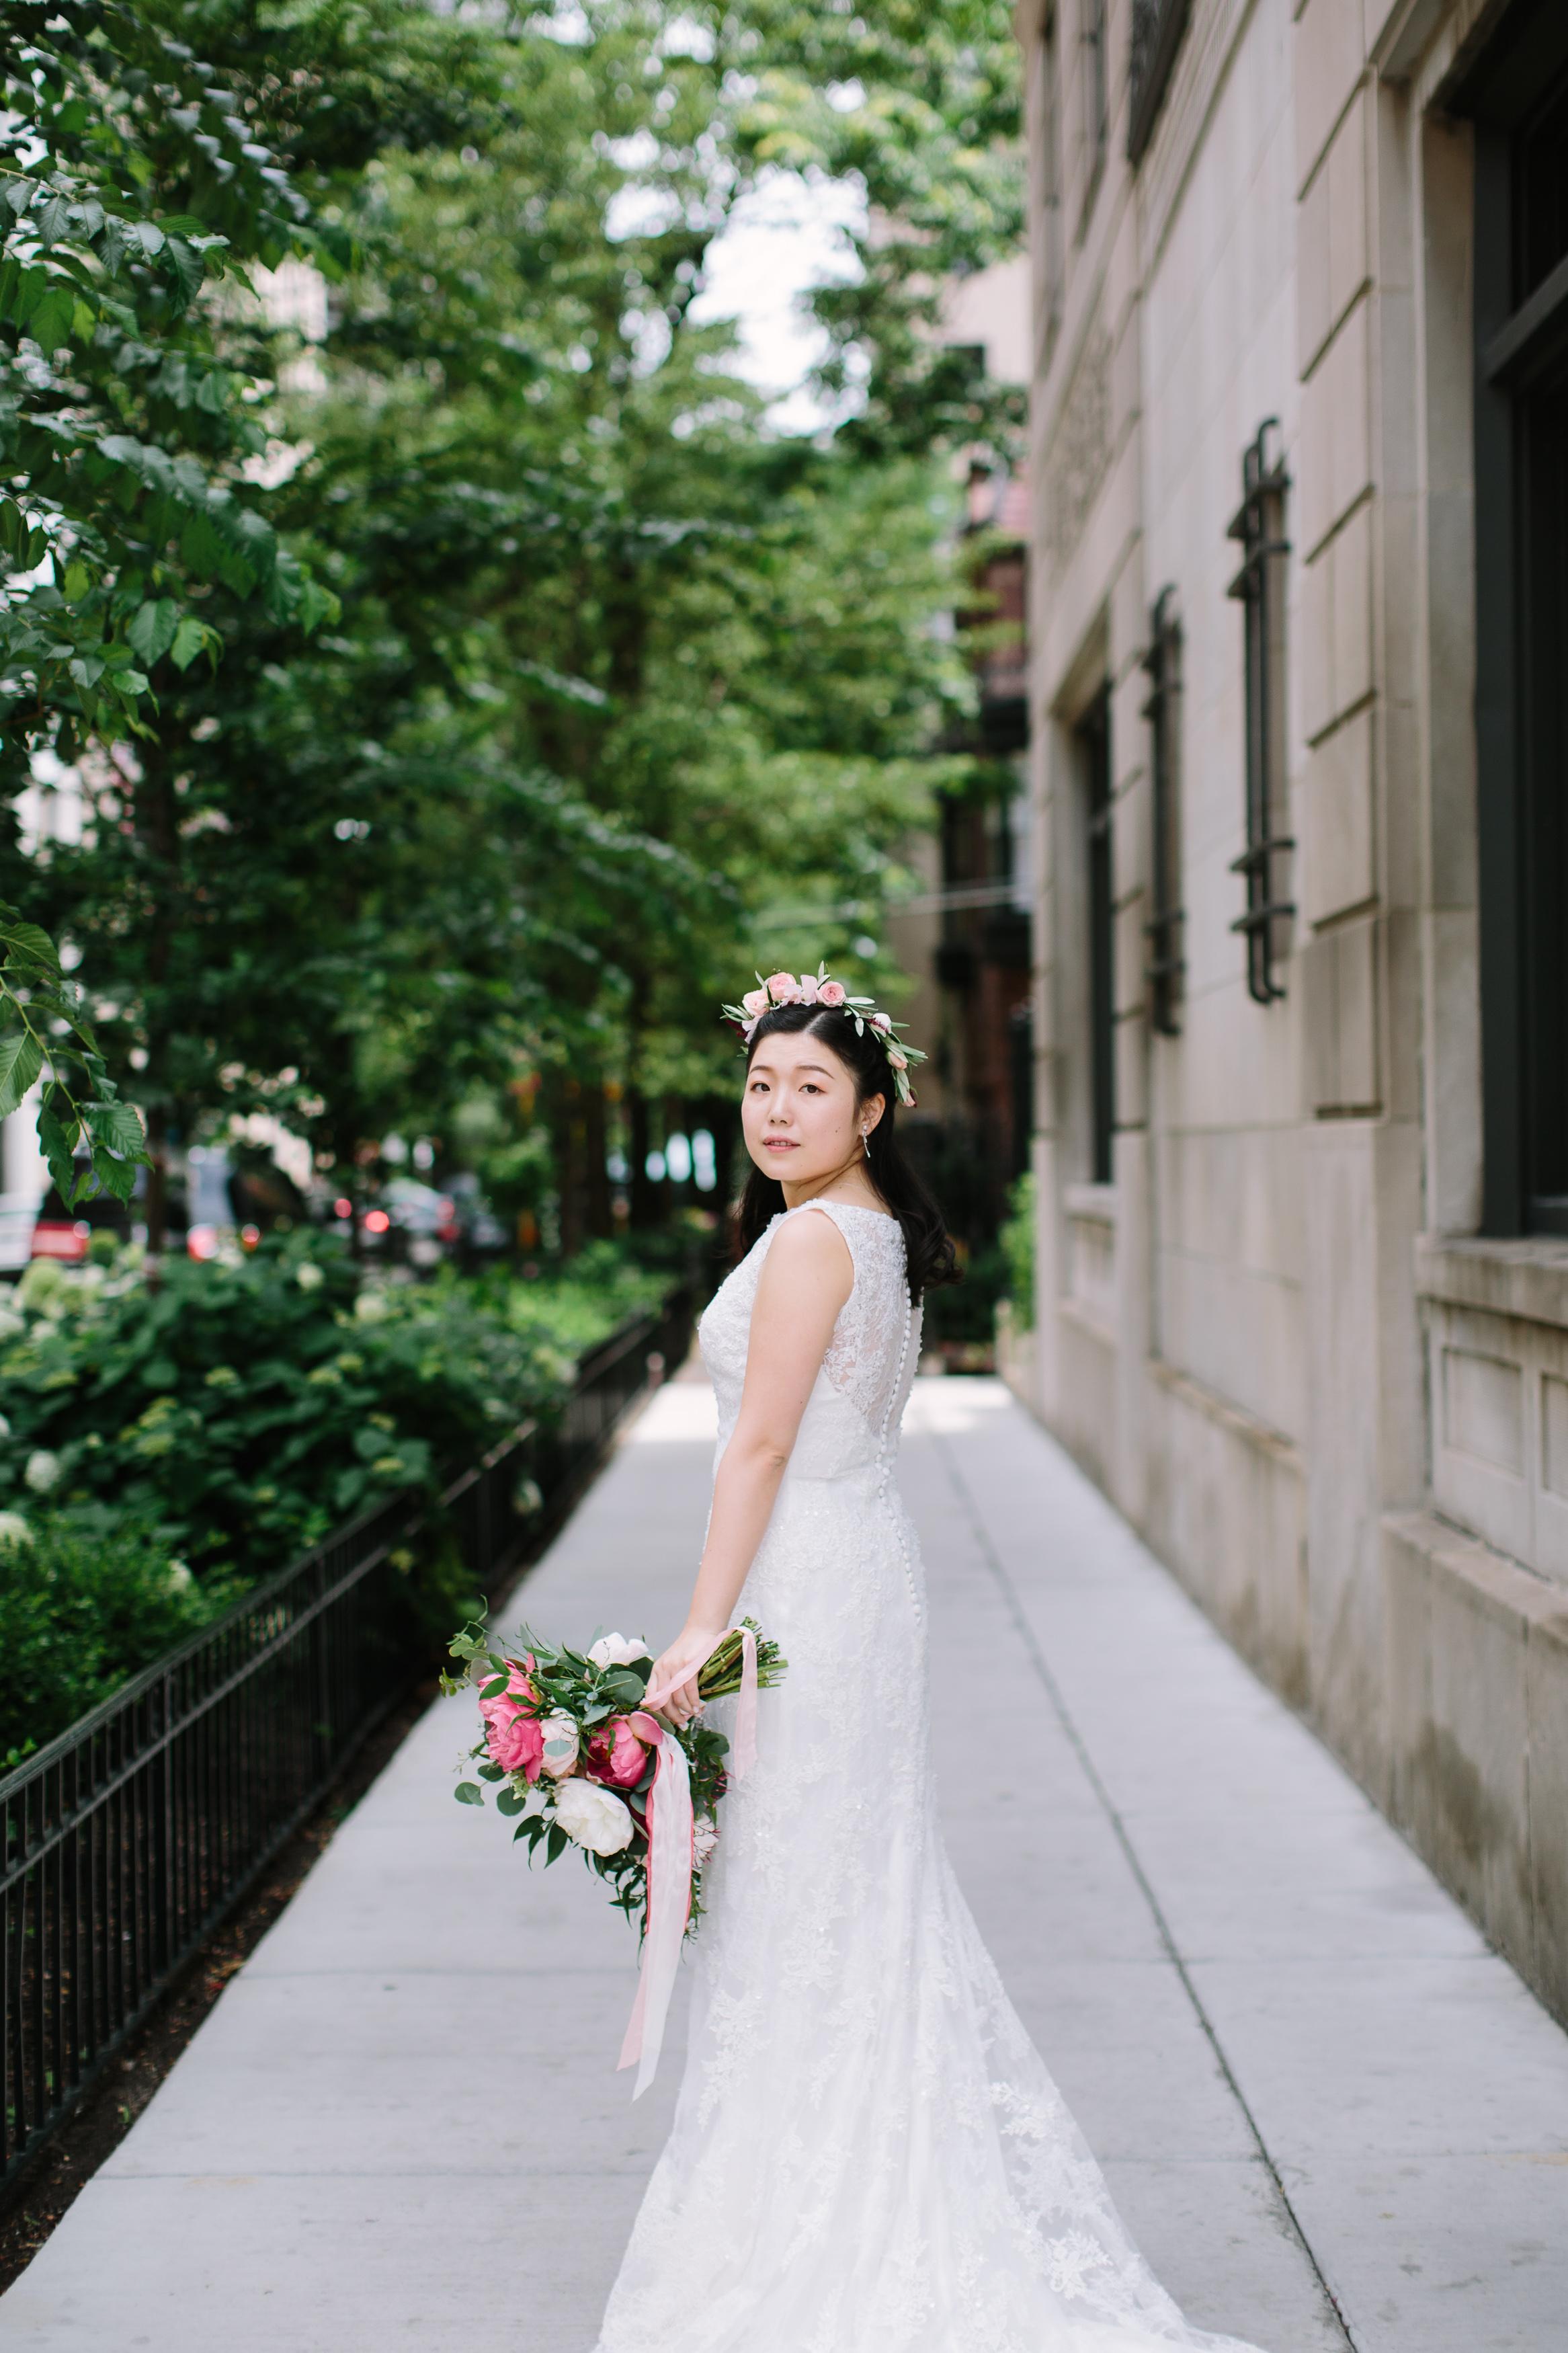 Nicodem Creative-Wang Wedding-Public Hotel Chicago-16.jpg